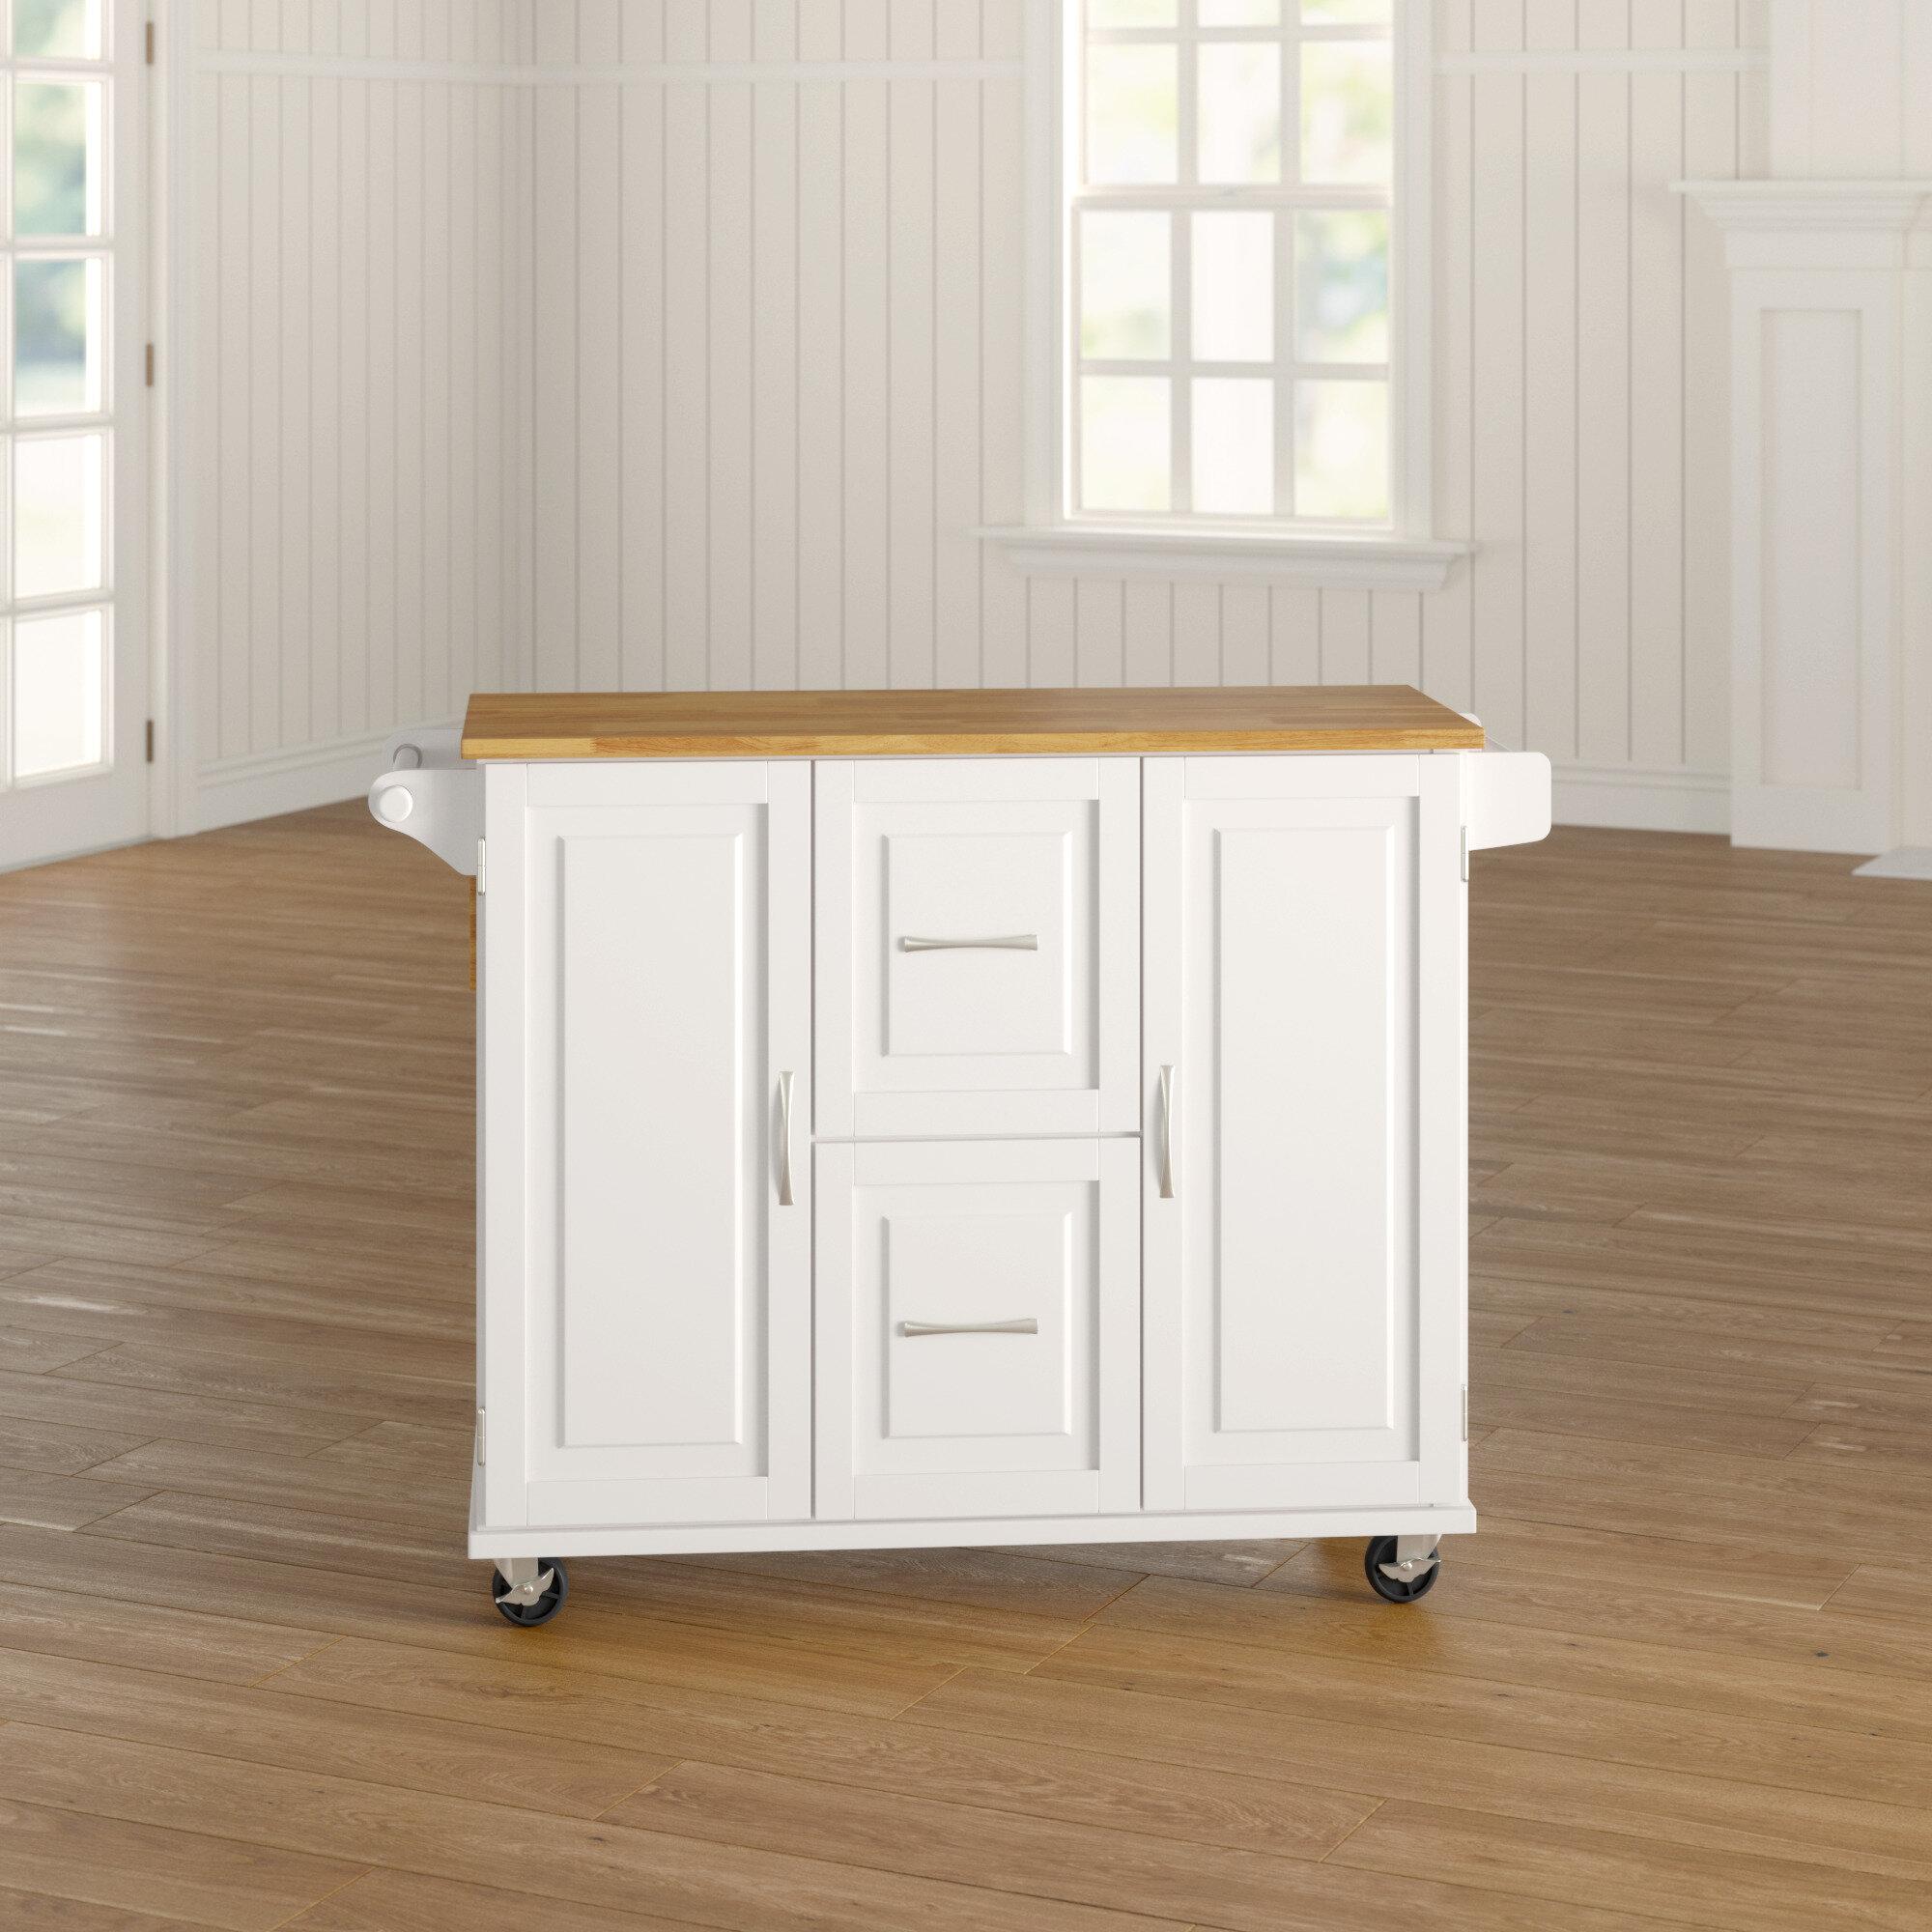 Panneau Pour Separer Piece lomas kitchen island solid wood